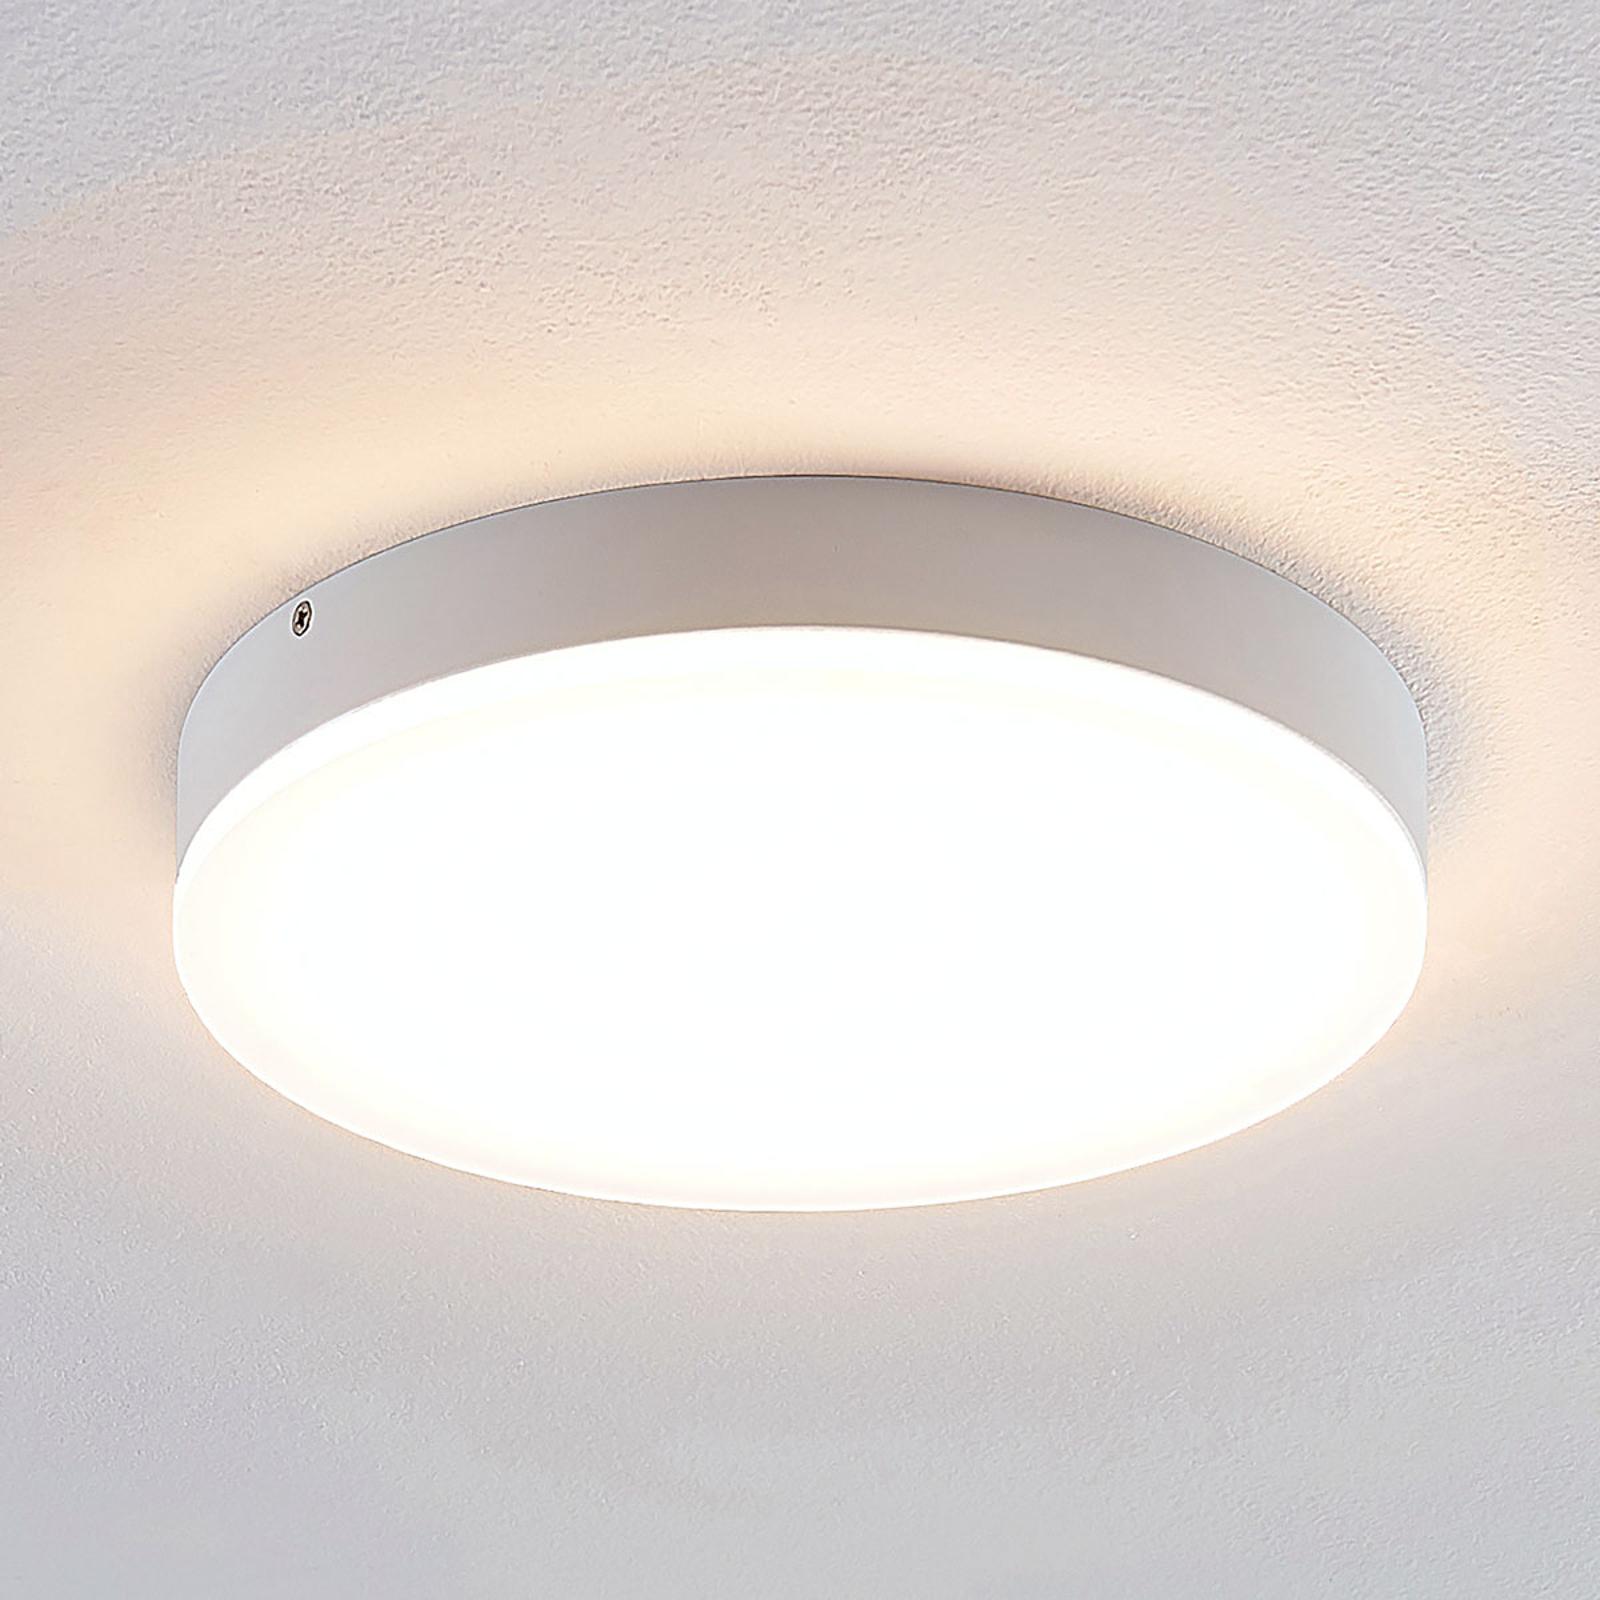 Lindby Leonta LED stropní světlo, bílá, Ø 25 cm